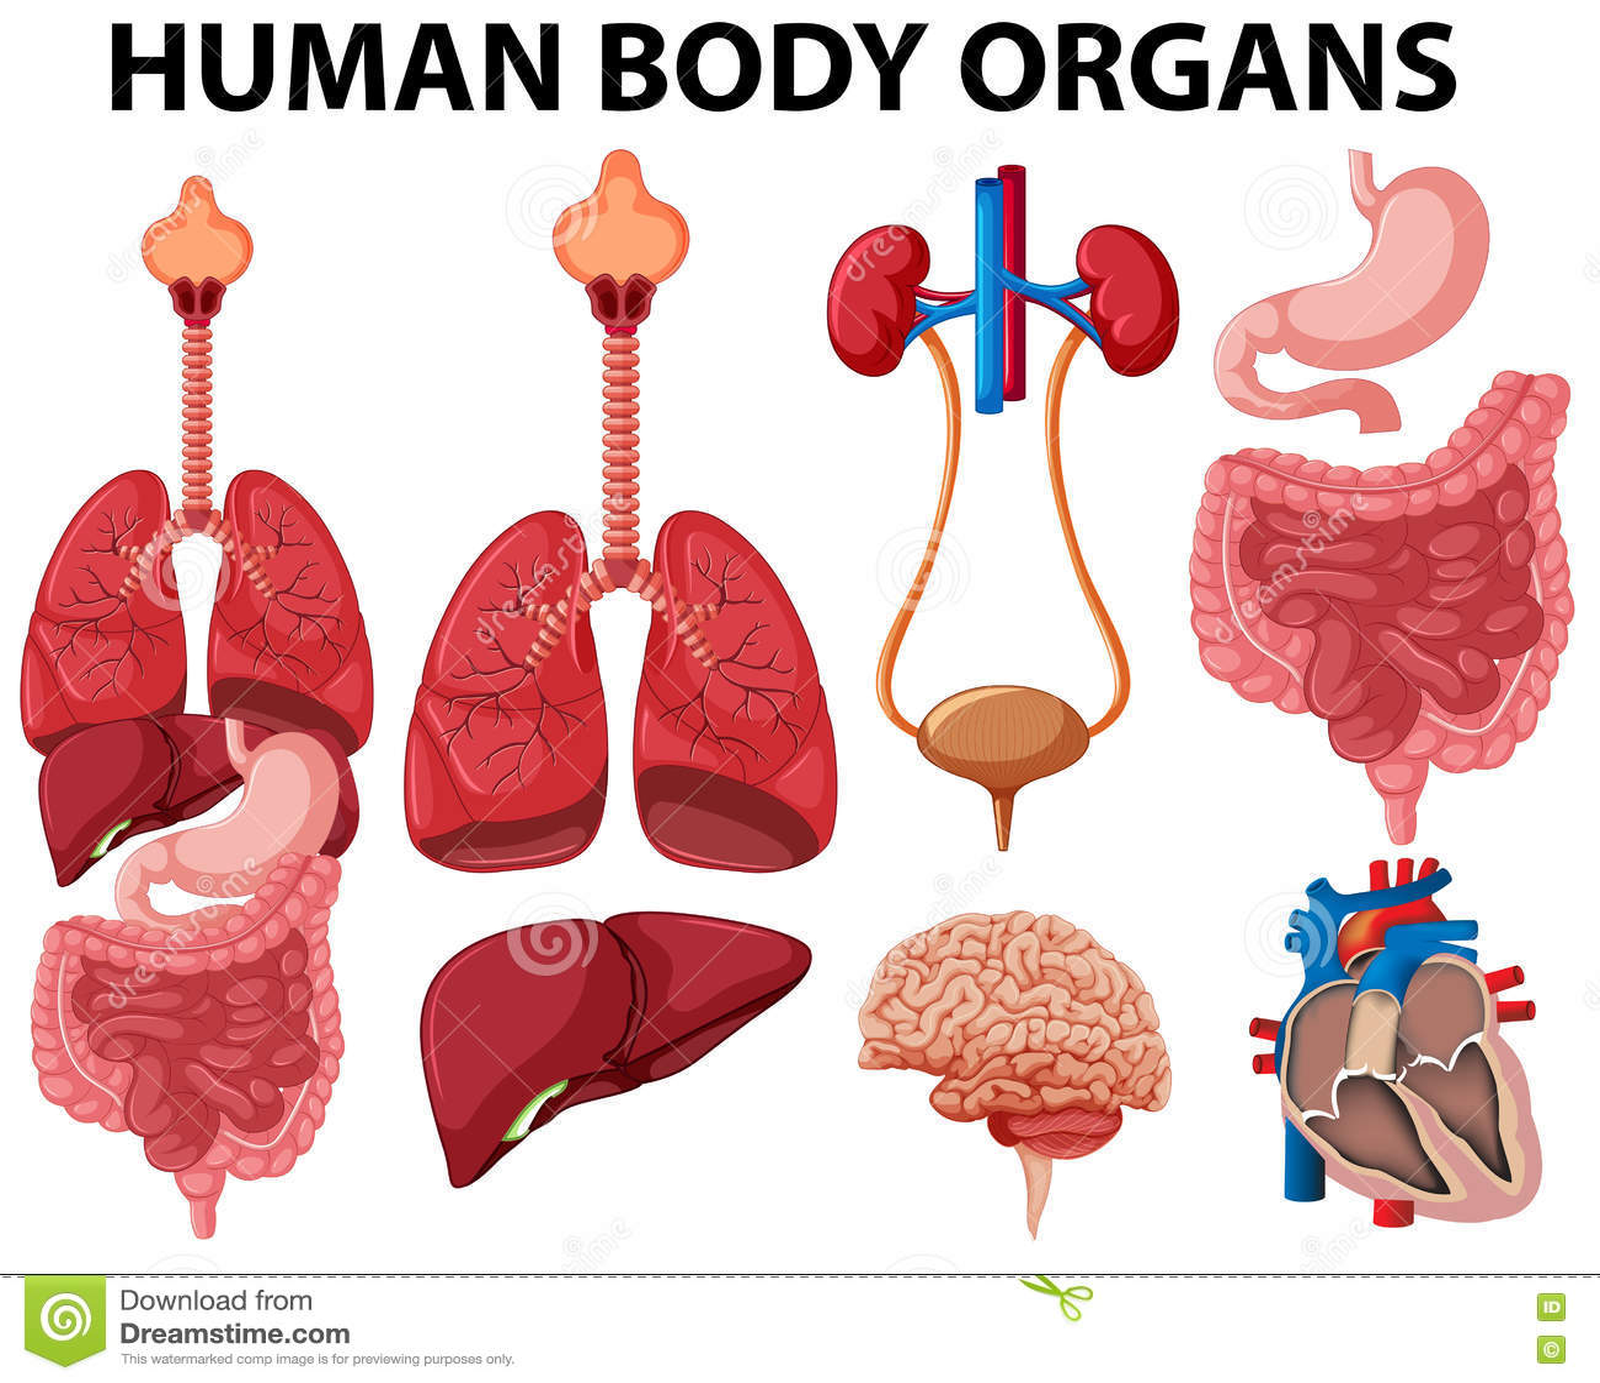 Lujoso Diagrama De Los órganos Humanos En El Cuerpo Patrón ...